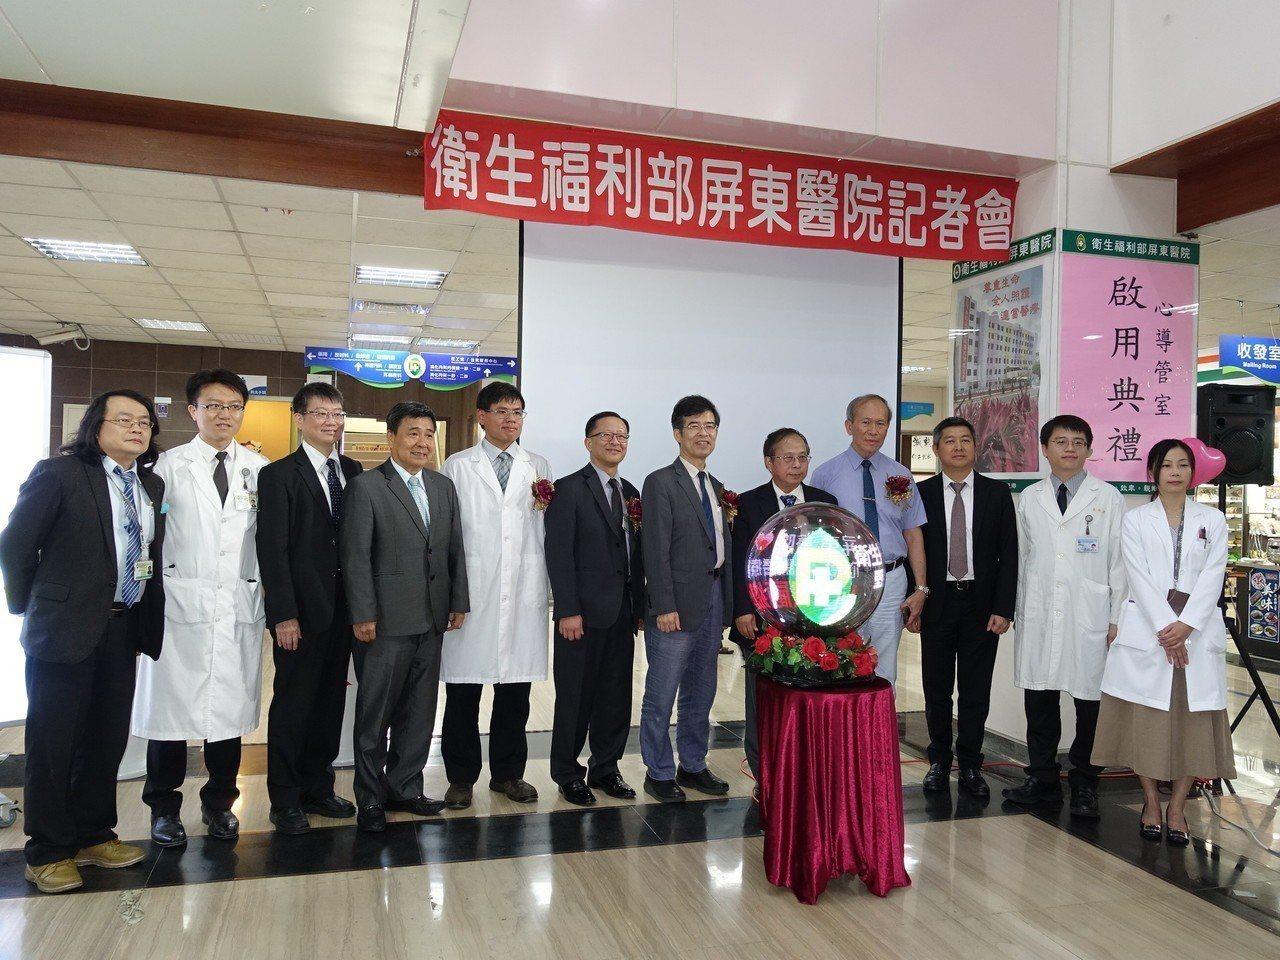 衛生福利部立屏東醫院今天舉行心導管室啟用儀式。記者翁禎霞/攝影